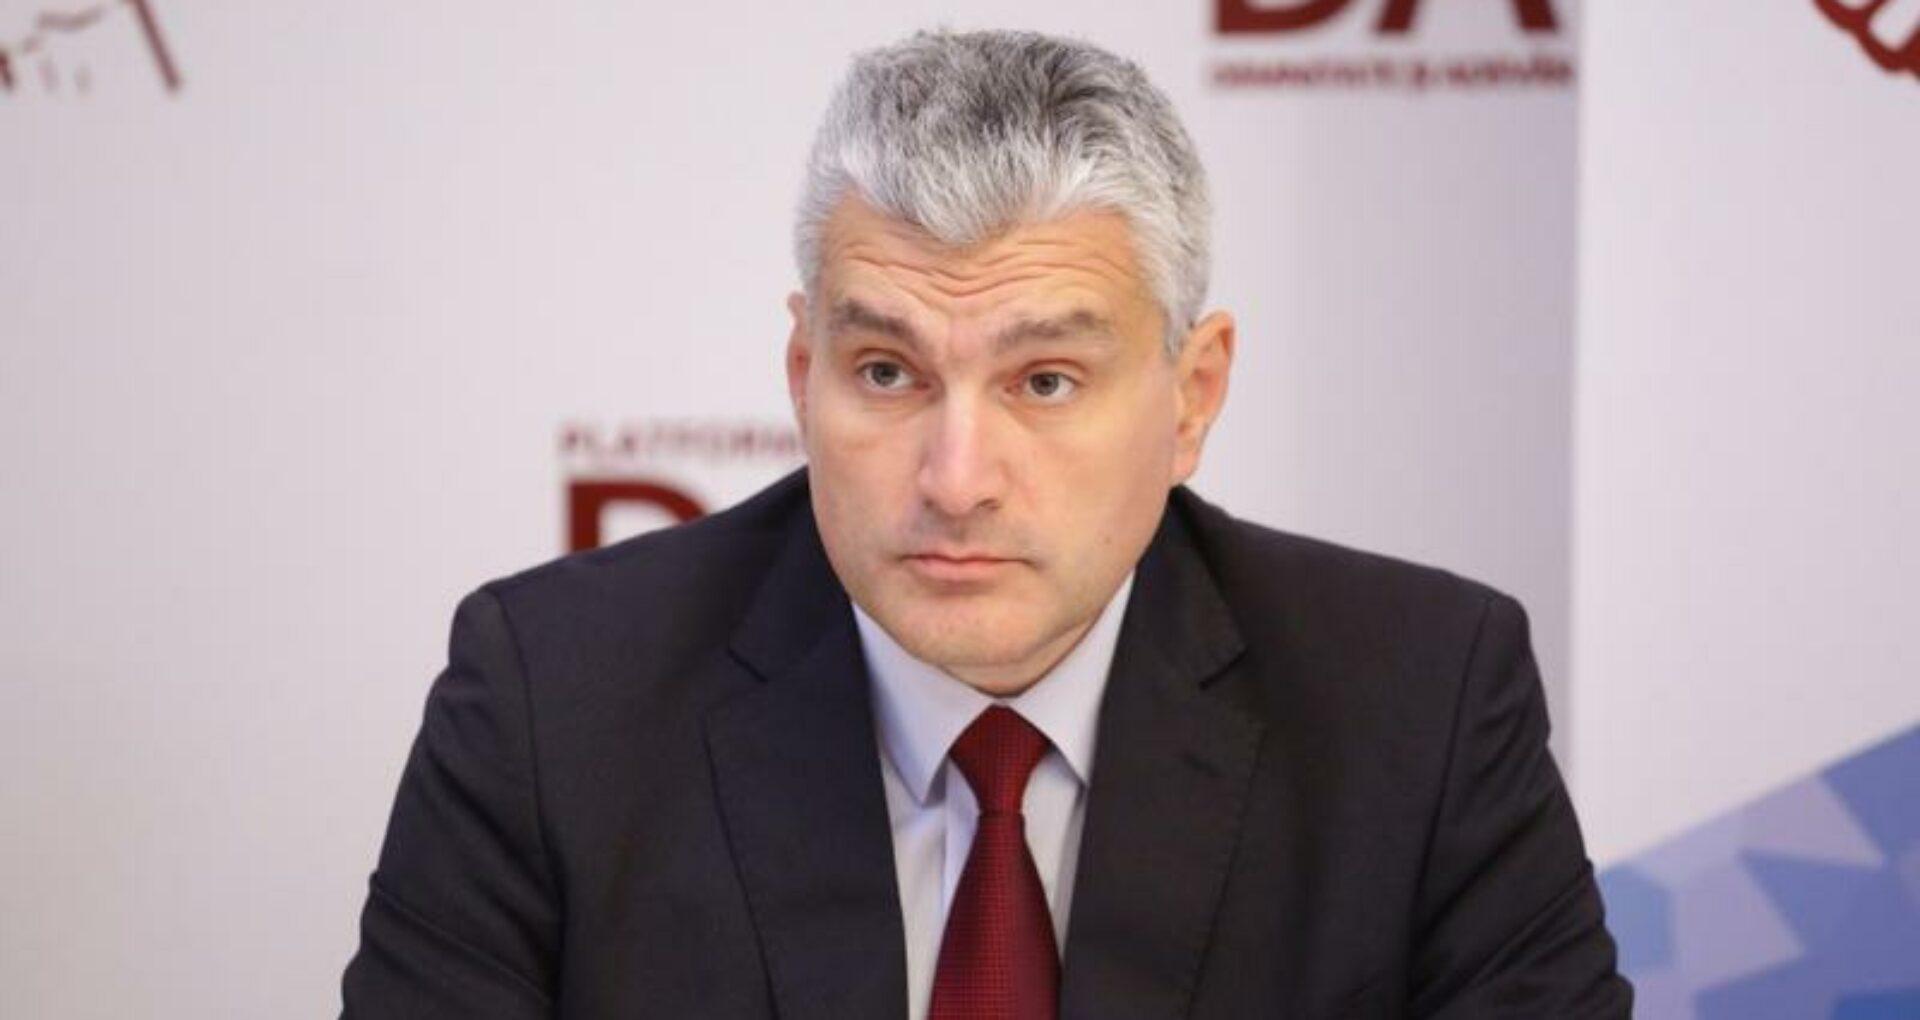 """DOC/ Alexandru Slusari a publicat o parte din raportul Consiliului Concurenței privind acordurile de cartel pe piața petrolieră din R. Moldova: """"Nu vrem să prejudiciem ancheta, deocamdată, nu divulgăm denumirile"""""""